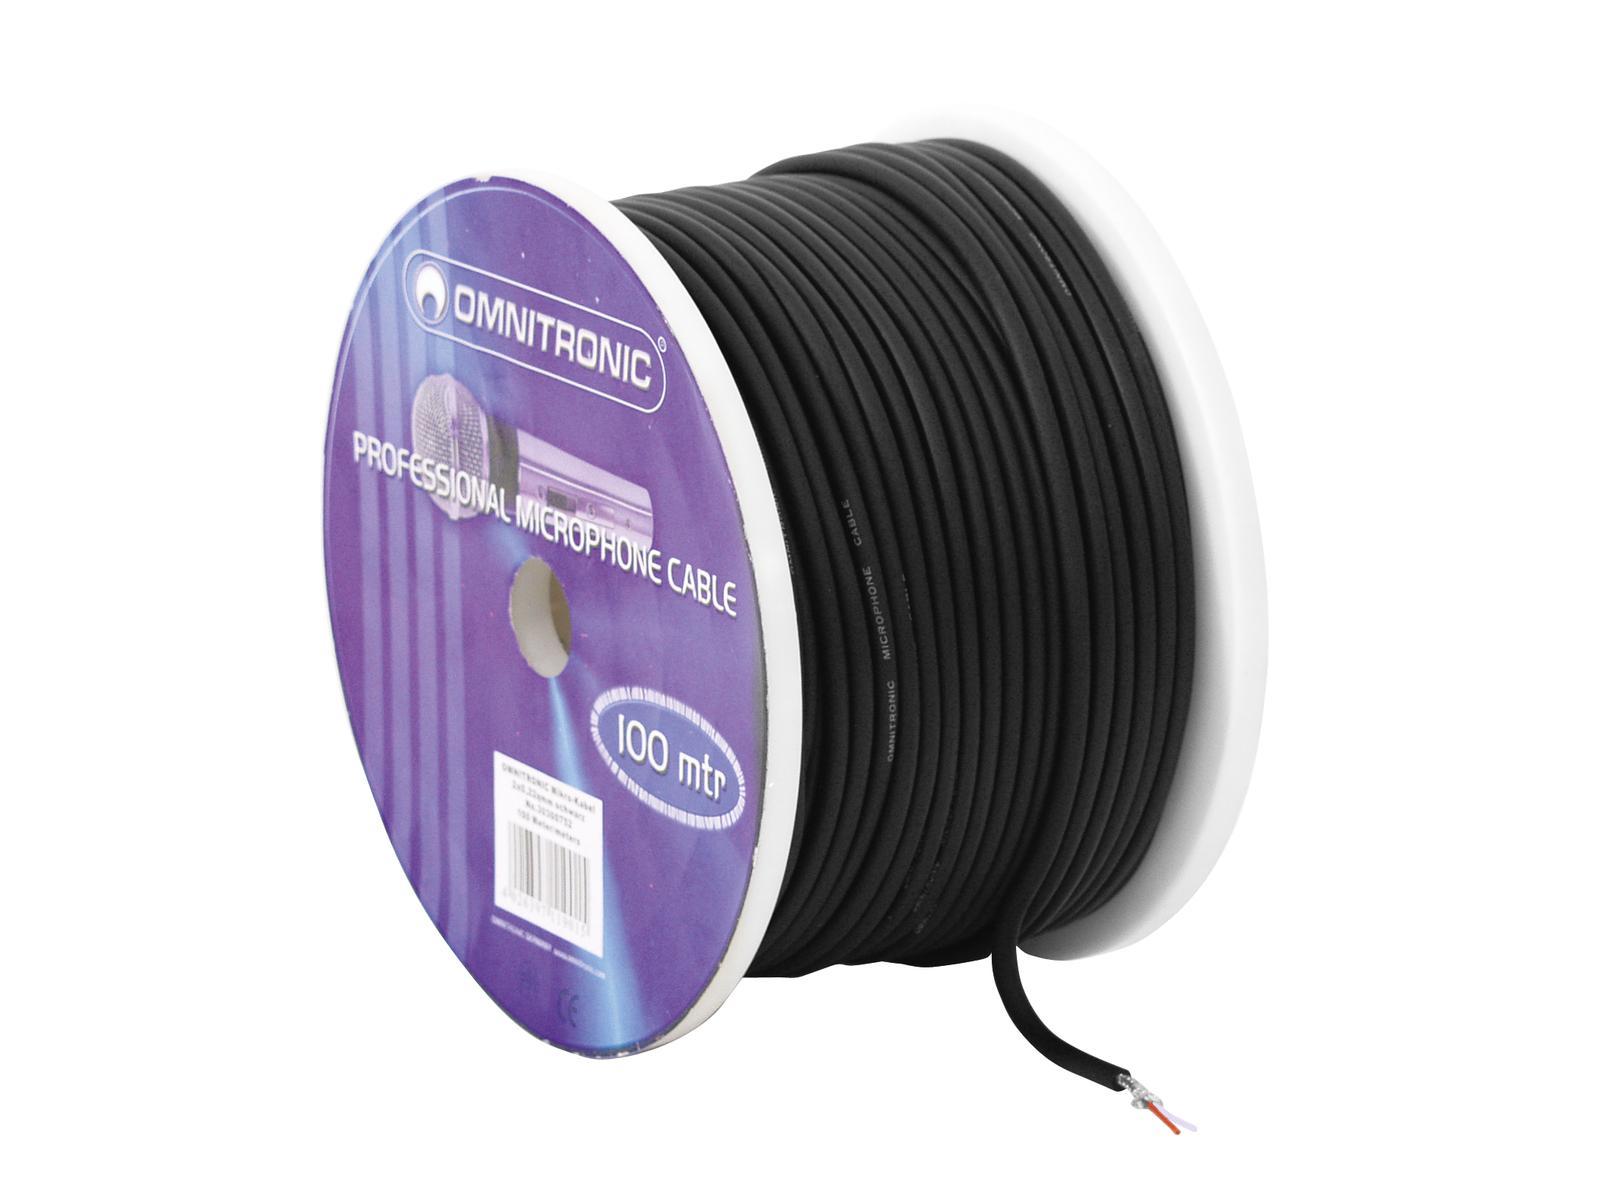 Omnitronic mikrofonní kabel, 2x 0,22qmm stíněný, černý, cena / m